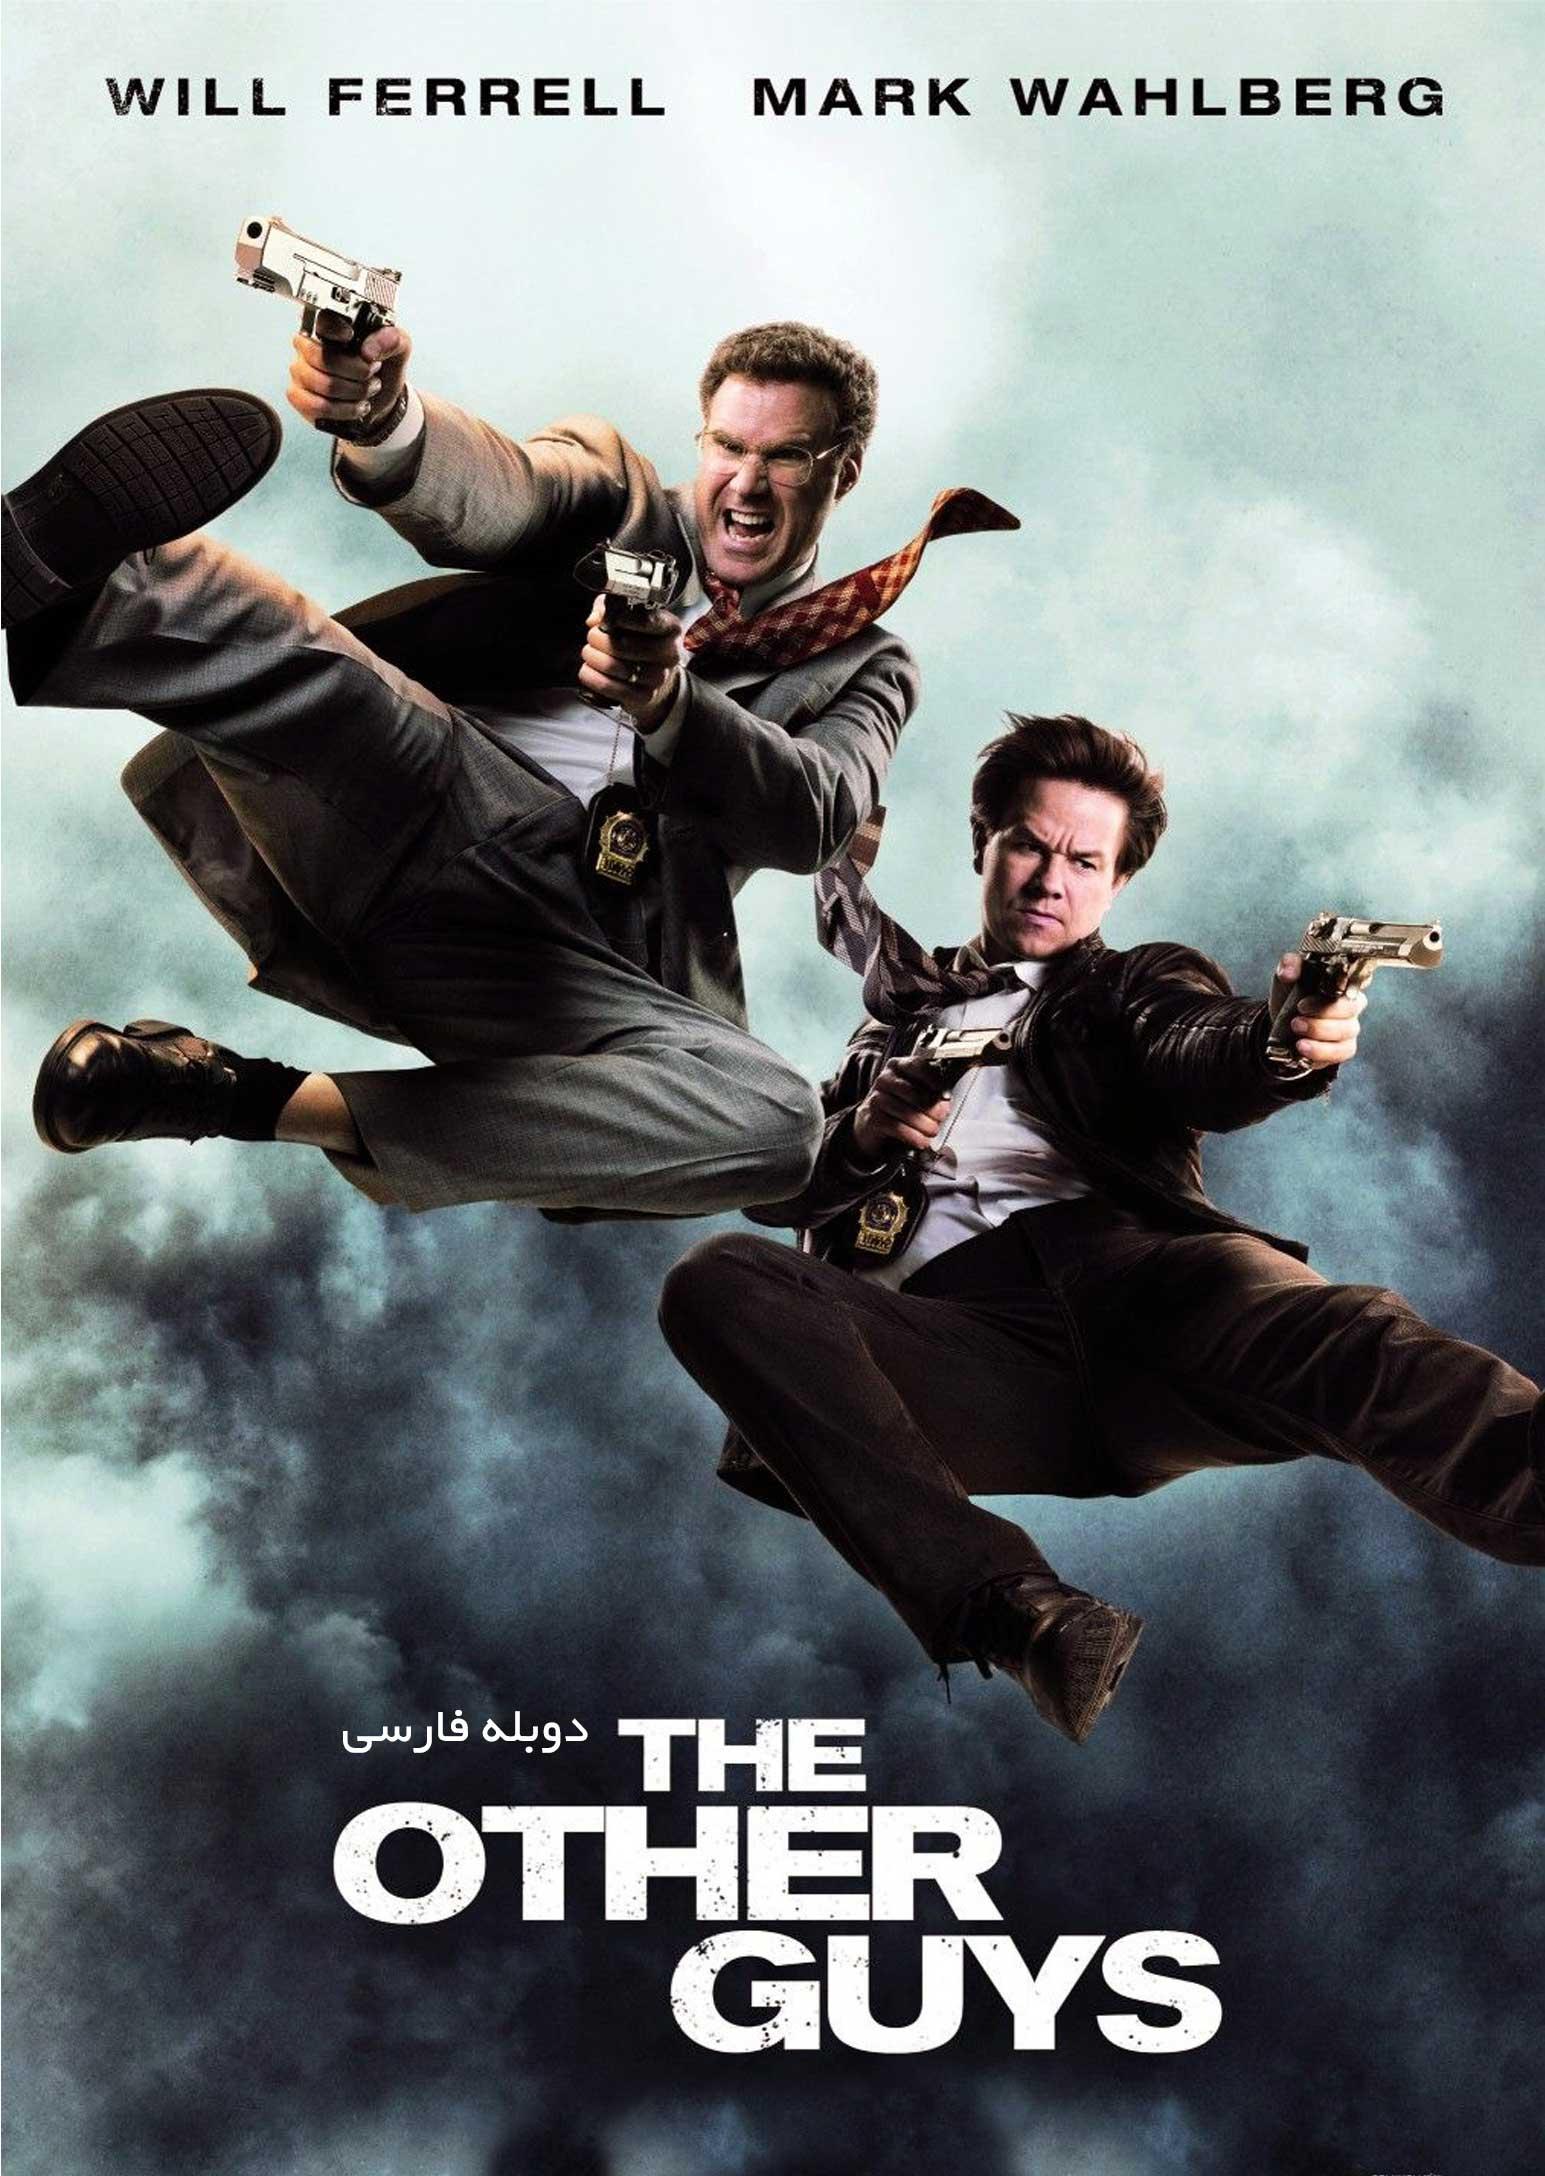 دانلود فیلم The Other Guys - دانلود فیلم The Other Guys اون یکی ها دوبله فارسی